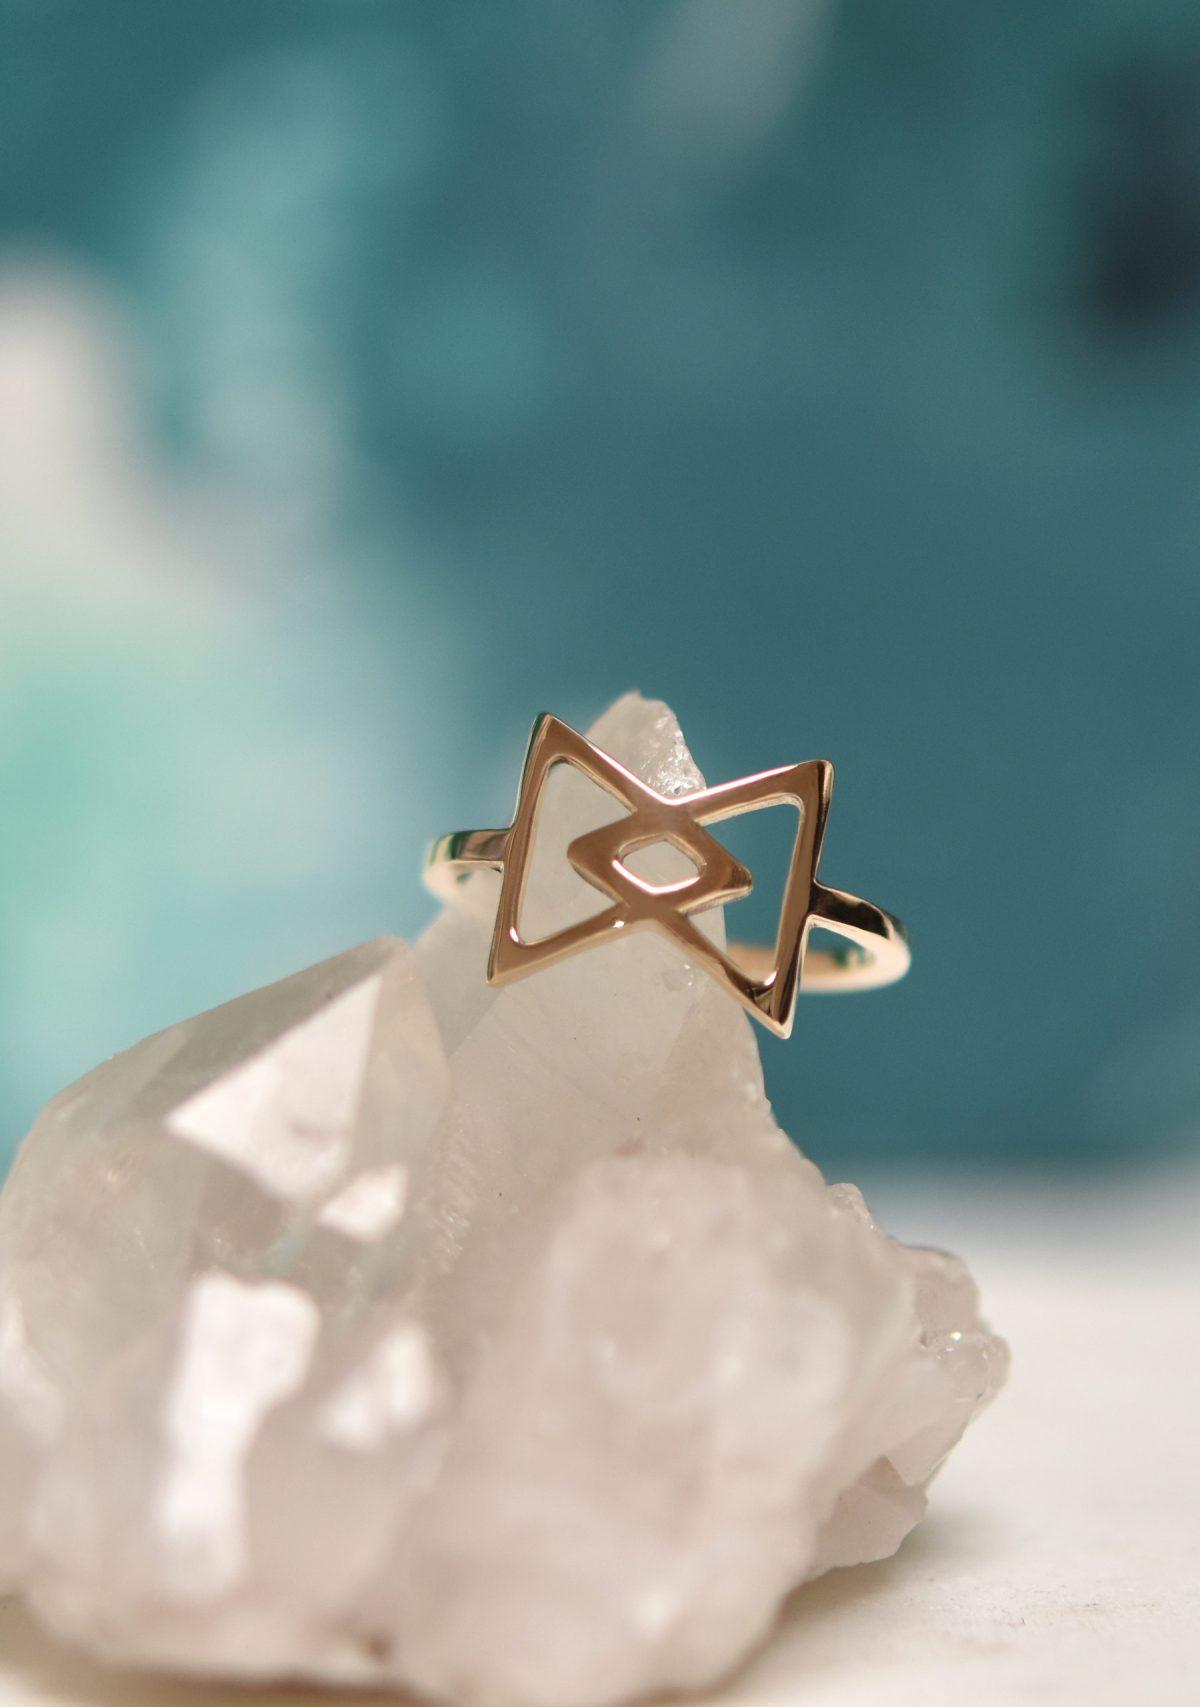 Dainty 10k Gold Ring